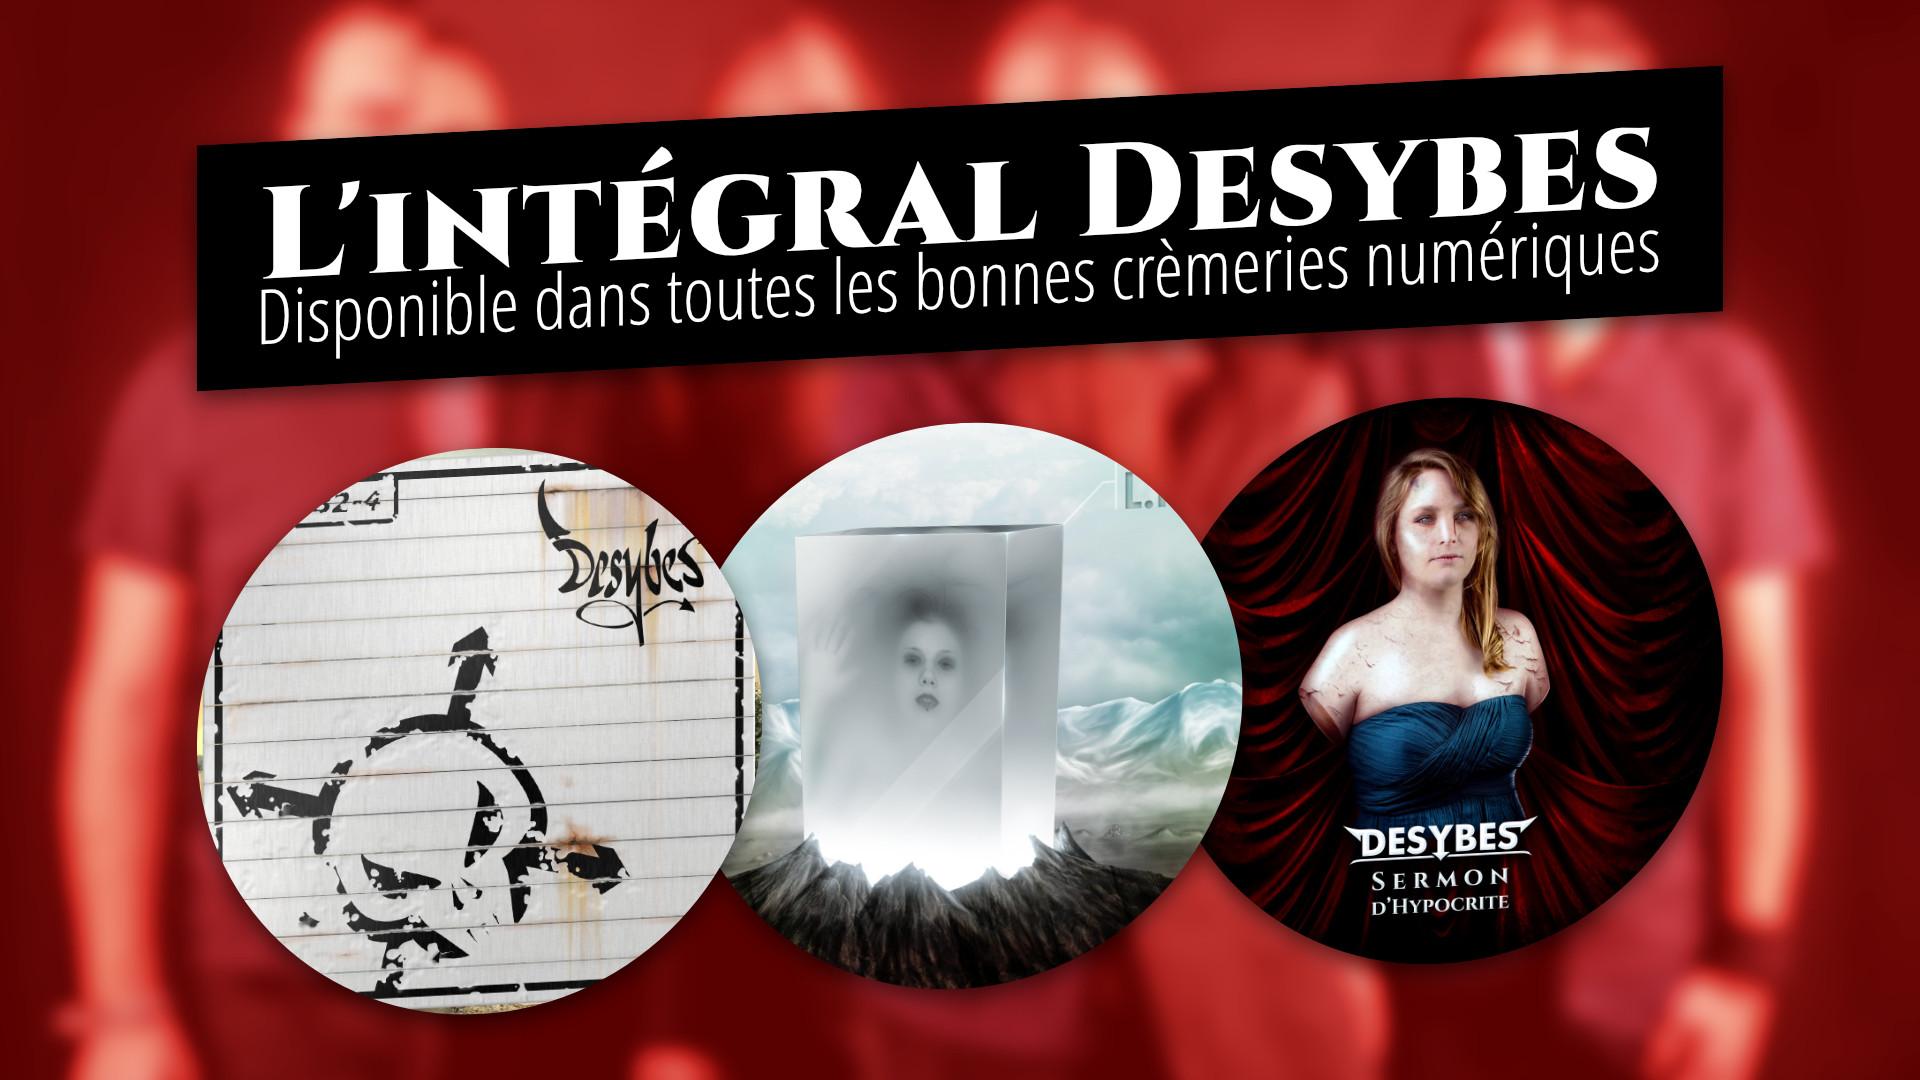 L'intégral de Desybes est disponible sur les plateformes de musique numérique